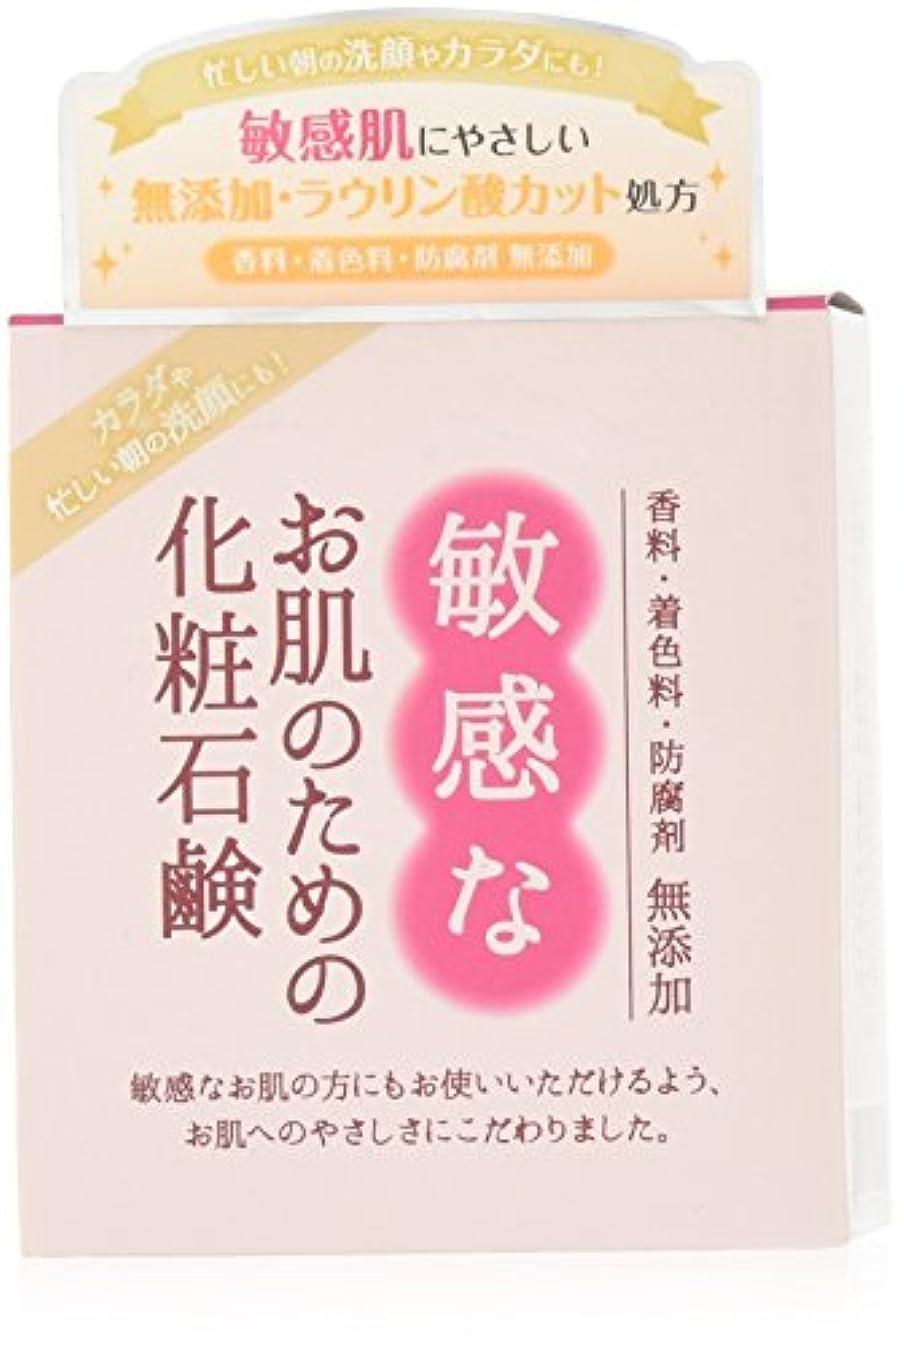 大猫背核敏感なお肌のための化粧石鹸 100g CBH-S